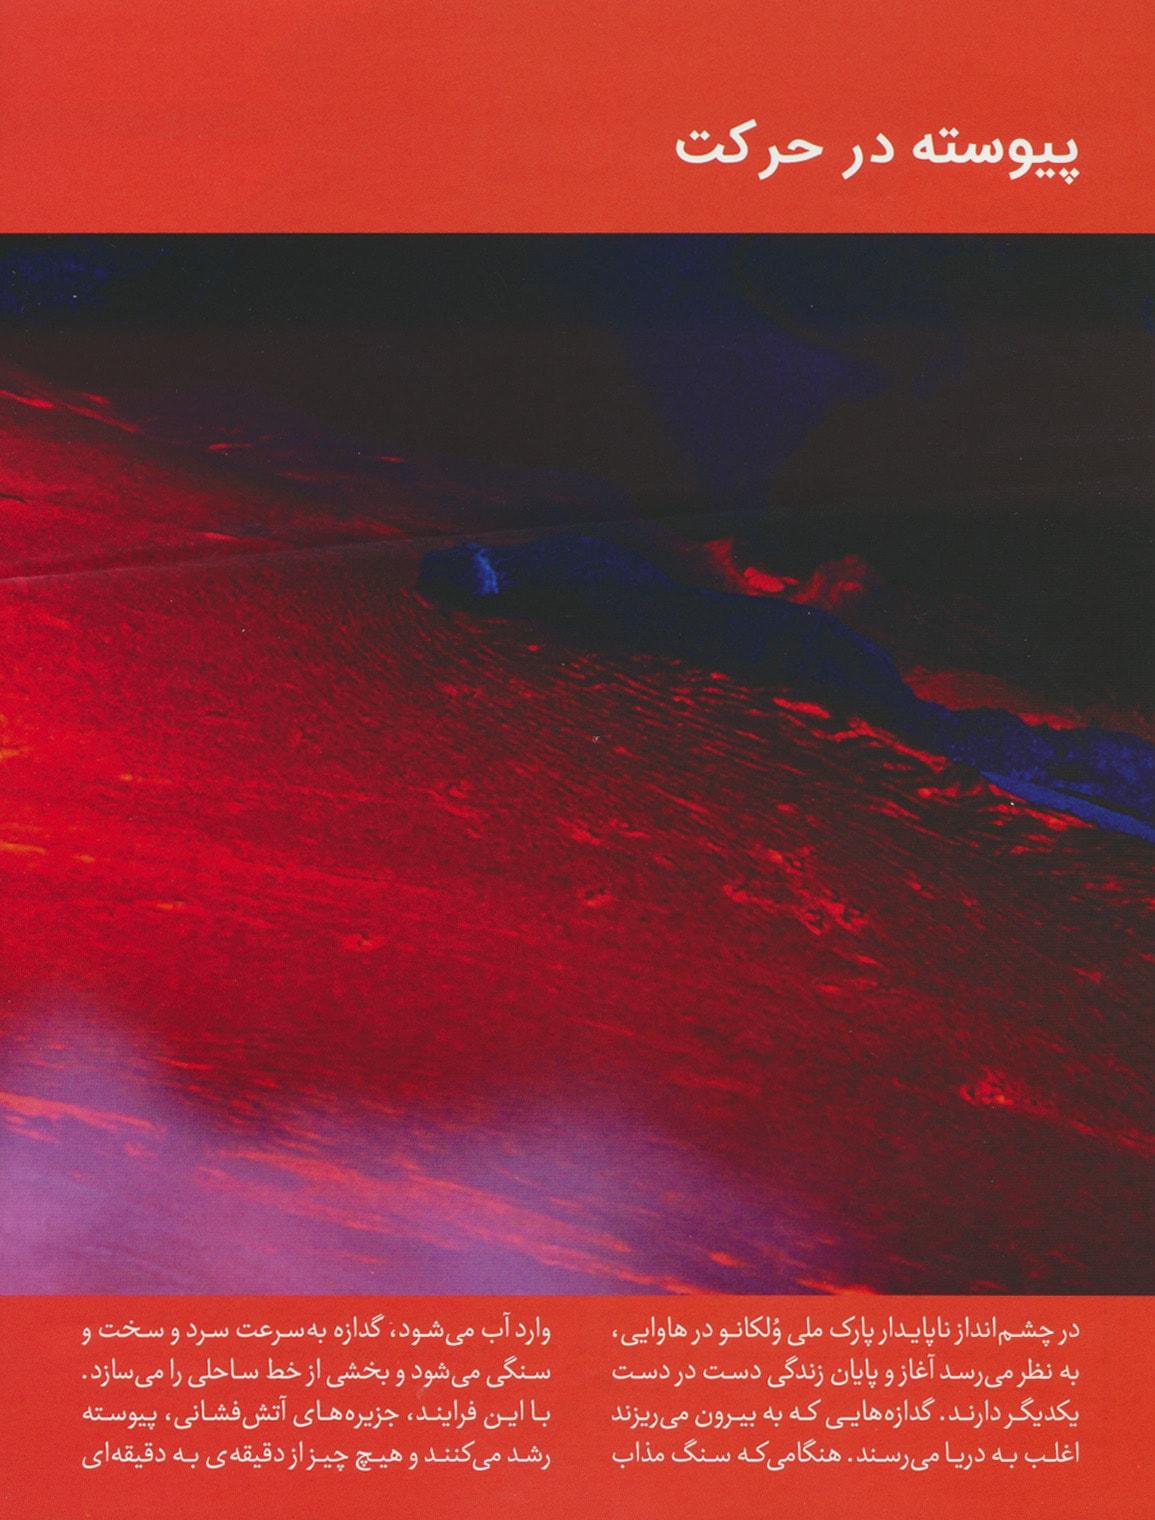 دانشنامه تصویری بریتانیکا (آتشفشان ها و زمین لرزه ها)،(گلاسه)